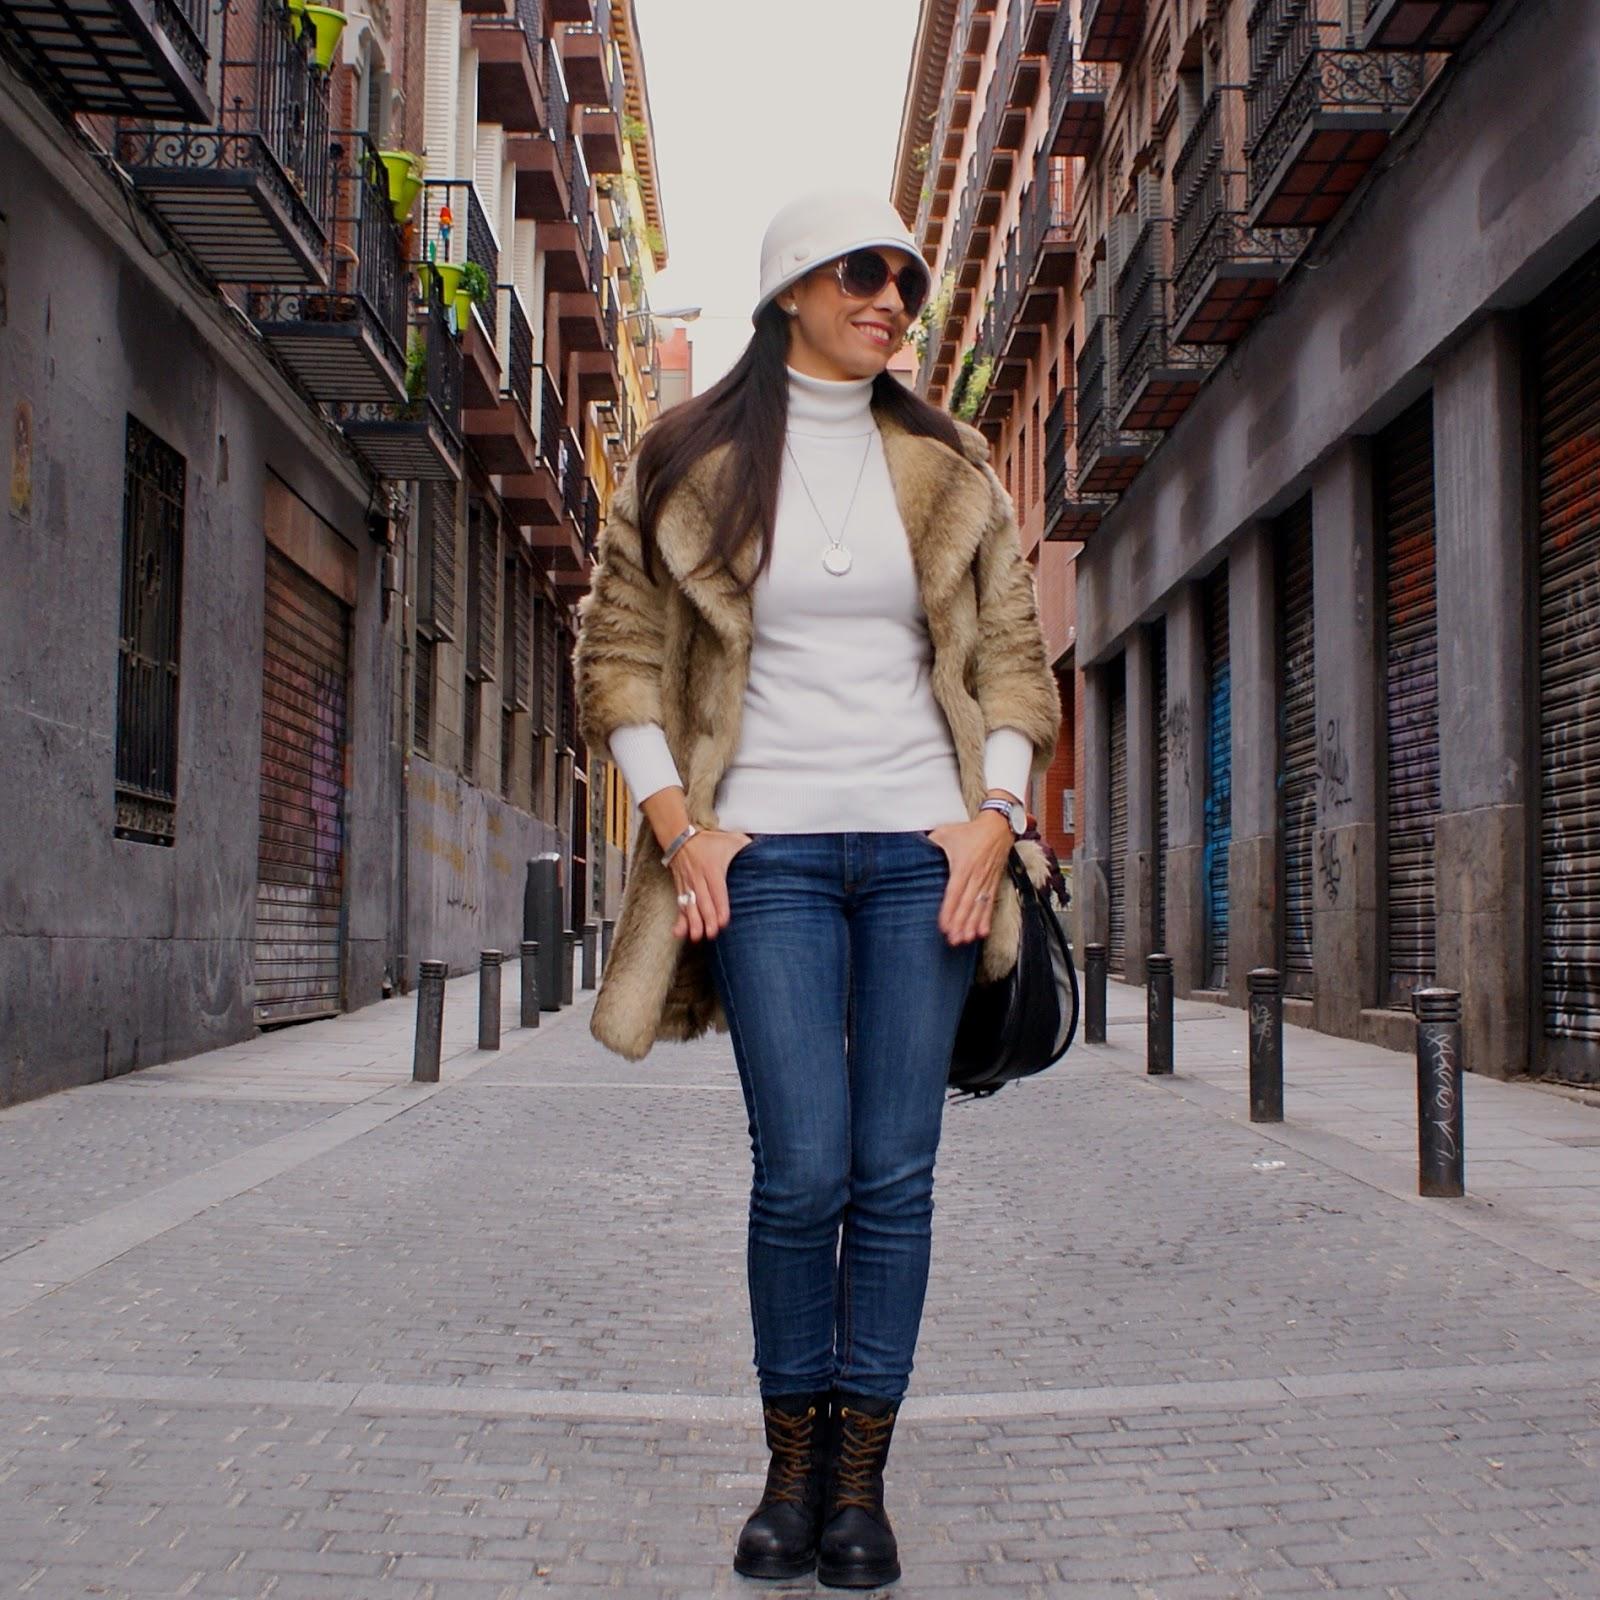 la-caprichossa-blog-de-moda-otoño-2014-botas-militares-